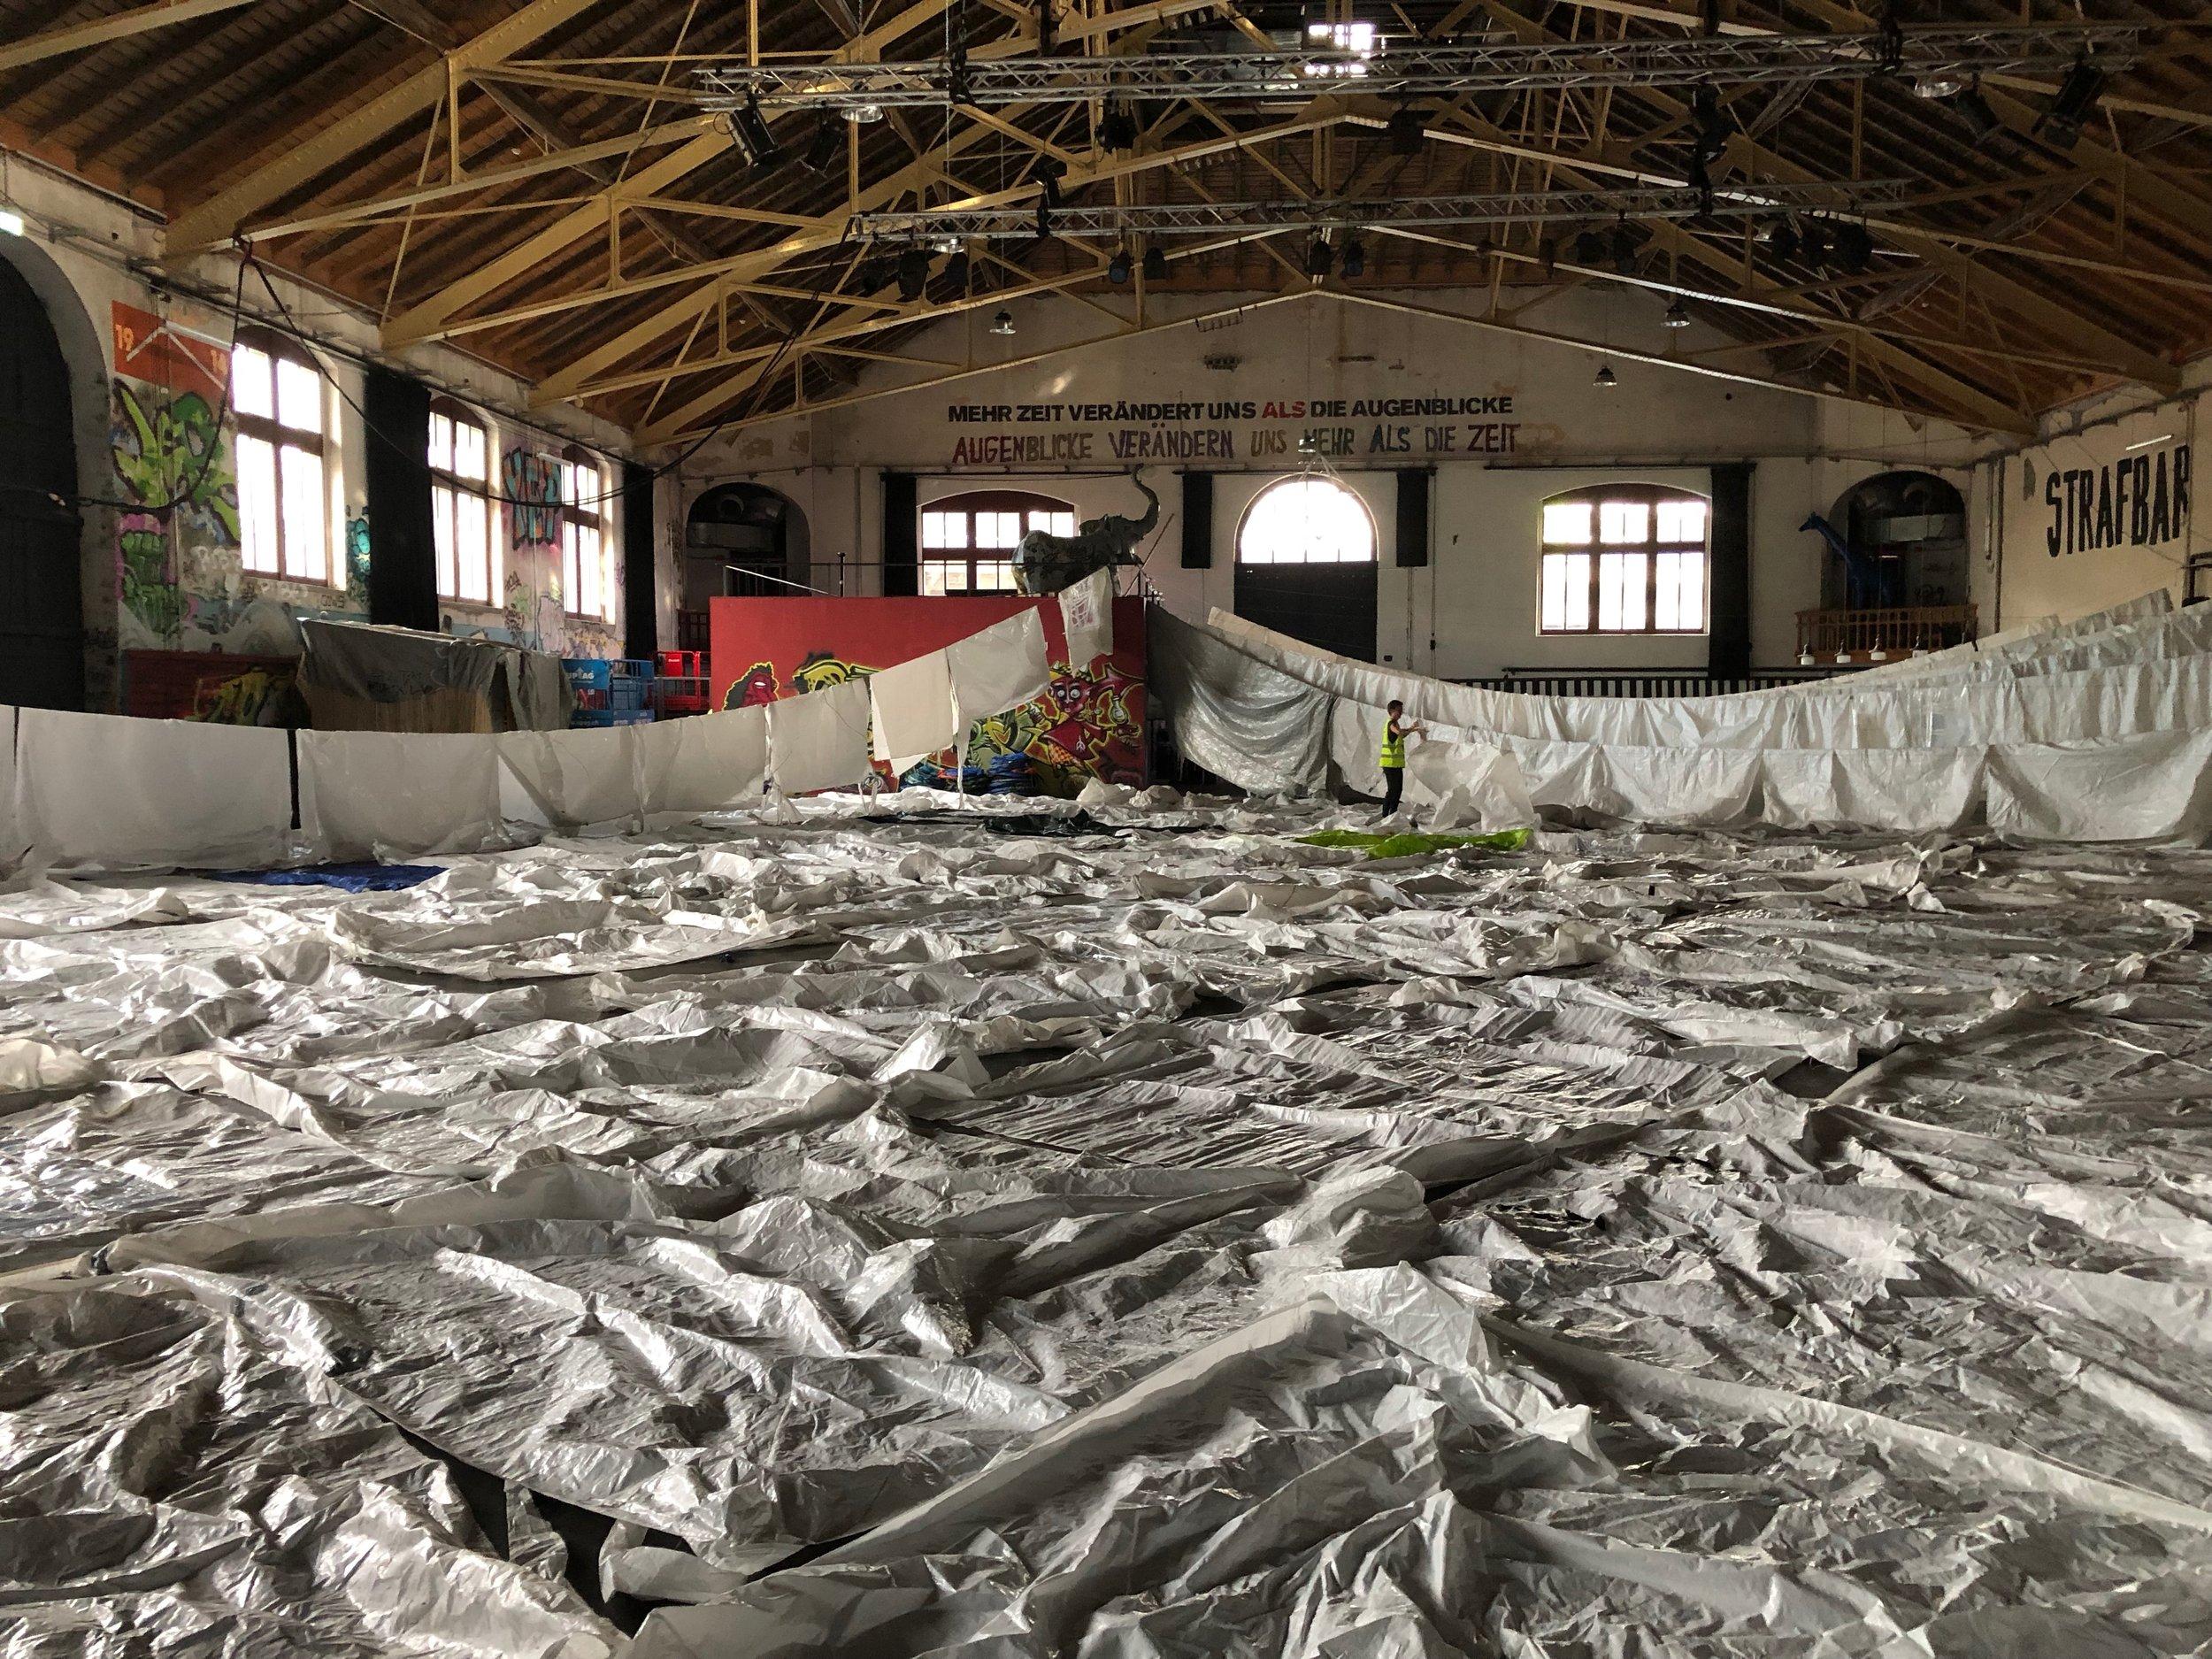 Die ausgelegten Zelte und Blachen in der grossen Halle in Bern. Das war wirklich ein Krampf…